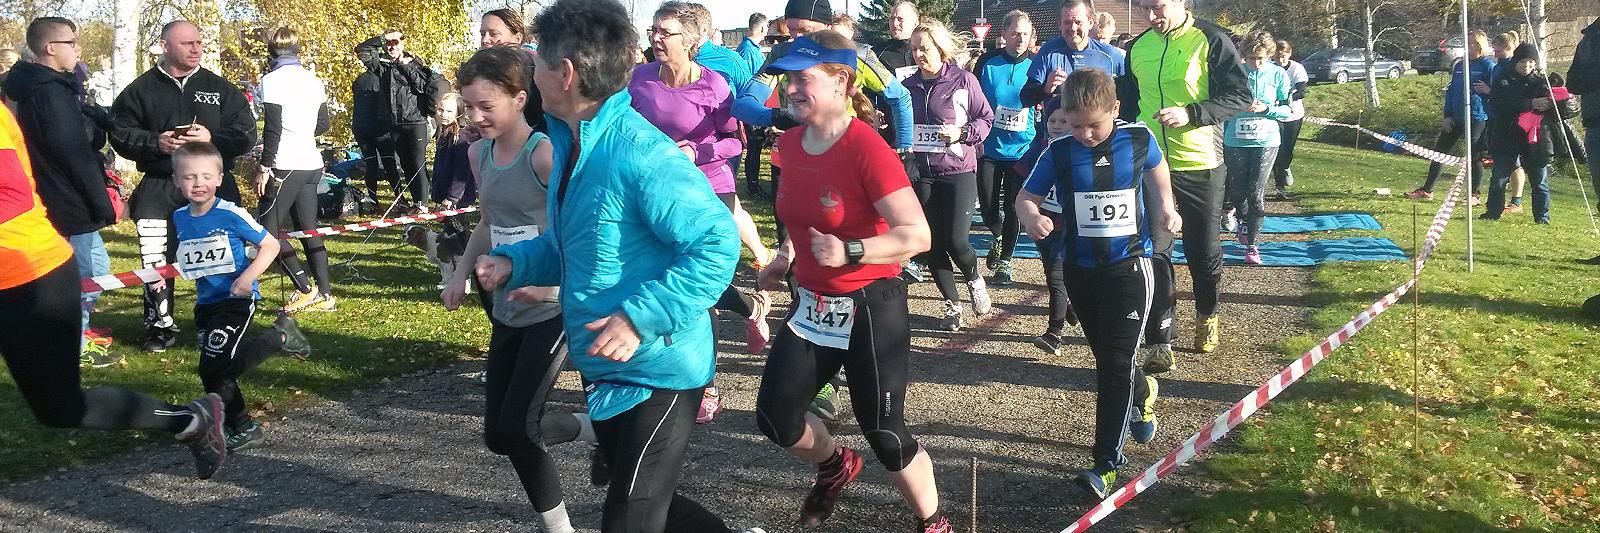 Tæt gruppe af løbere i højt humør i startområdet